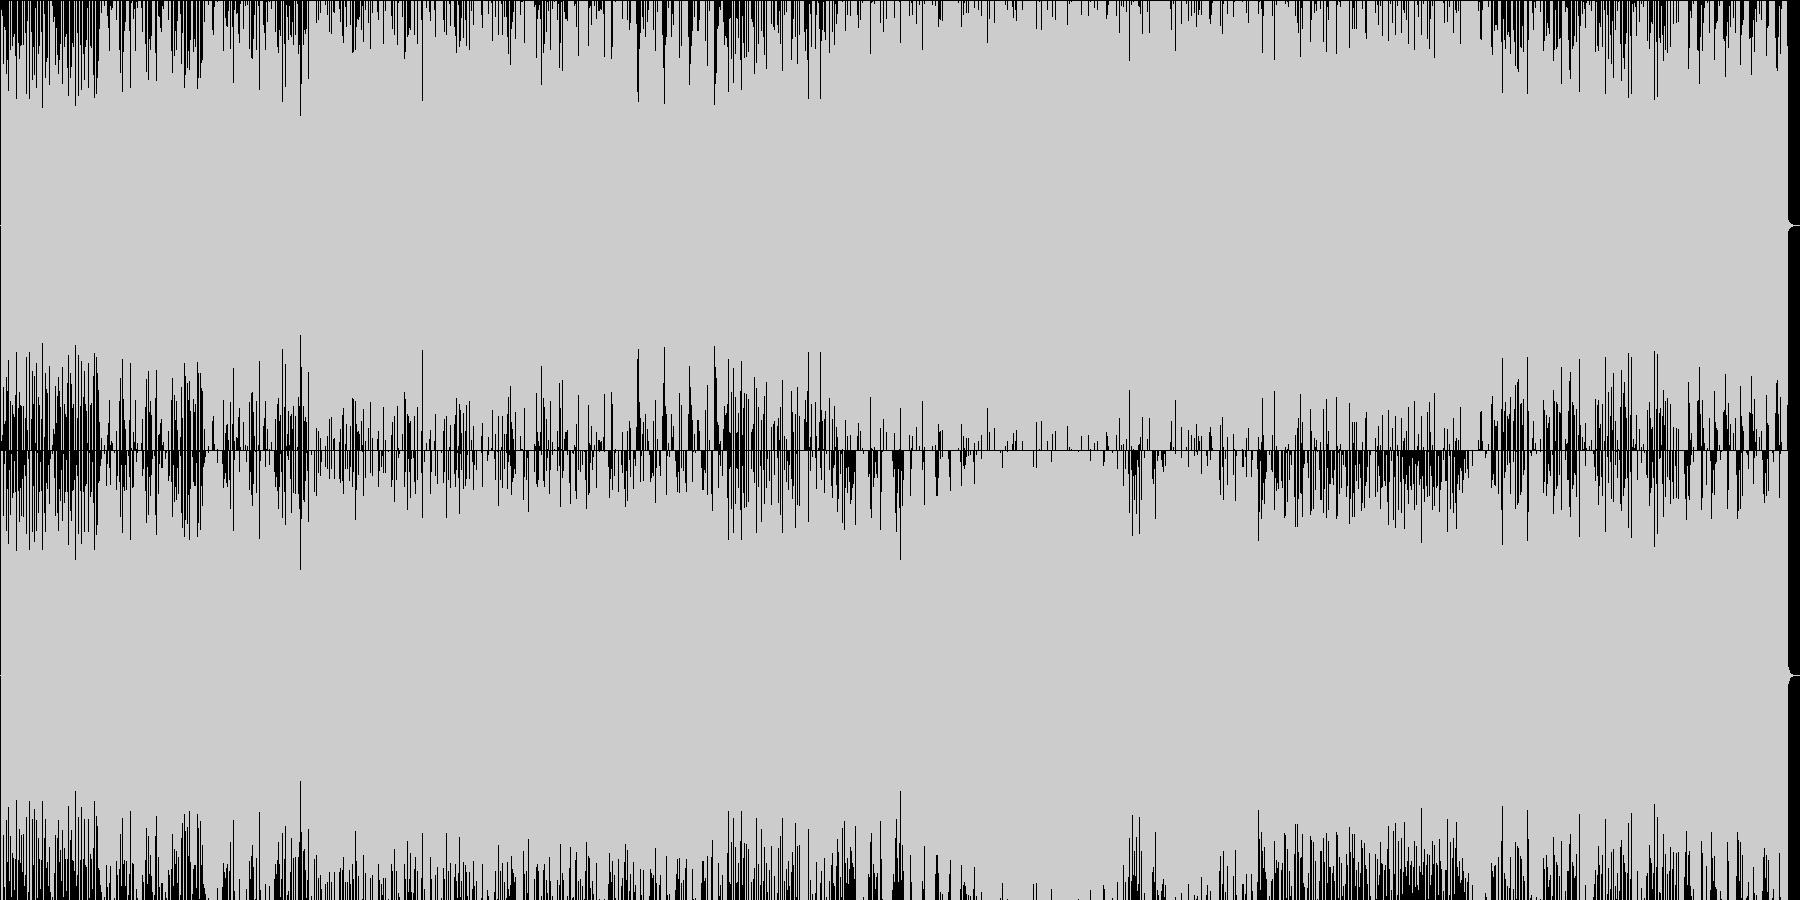 攻撃的なロックの未再生の波形